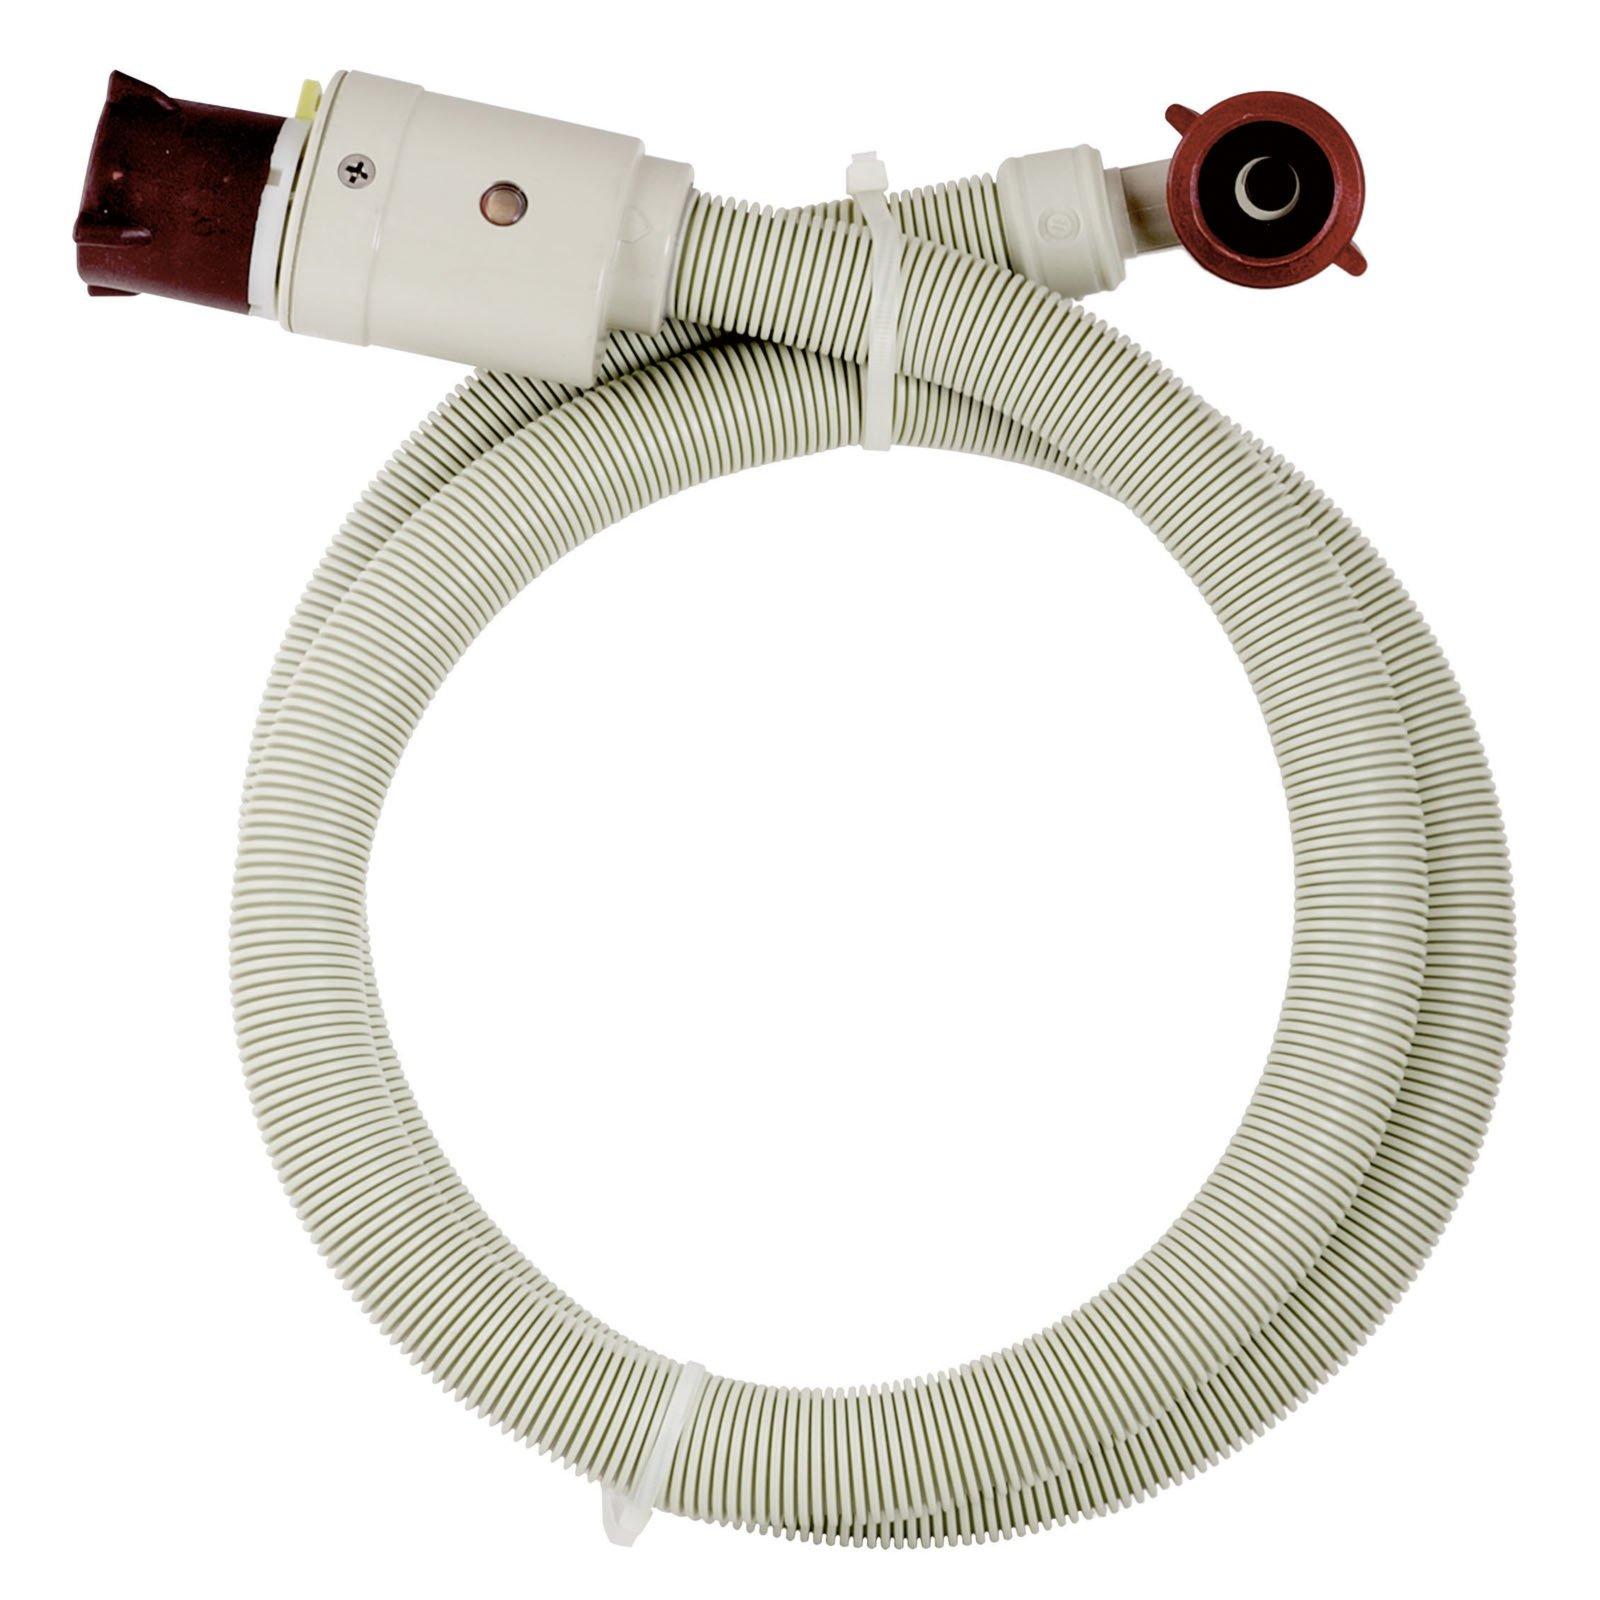 Sicherheits-Zulaufschlauch - für Wasch- und Spülmaschinen -150 cm